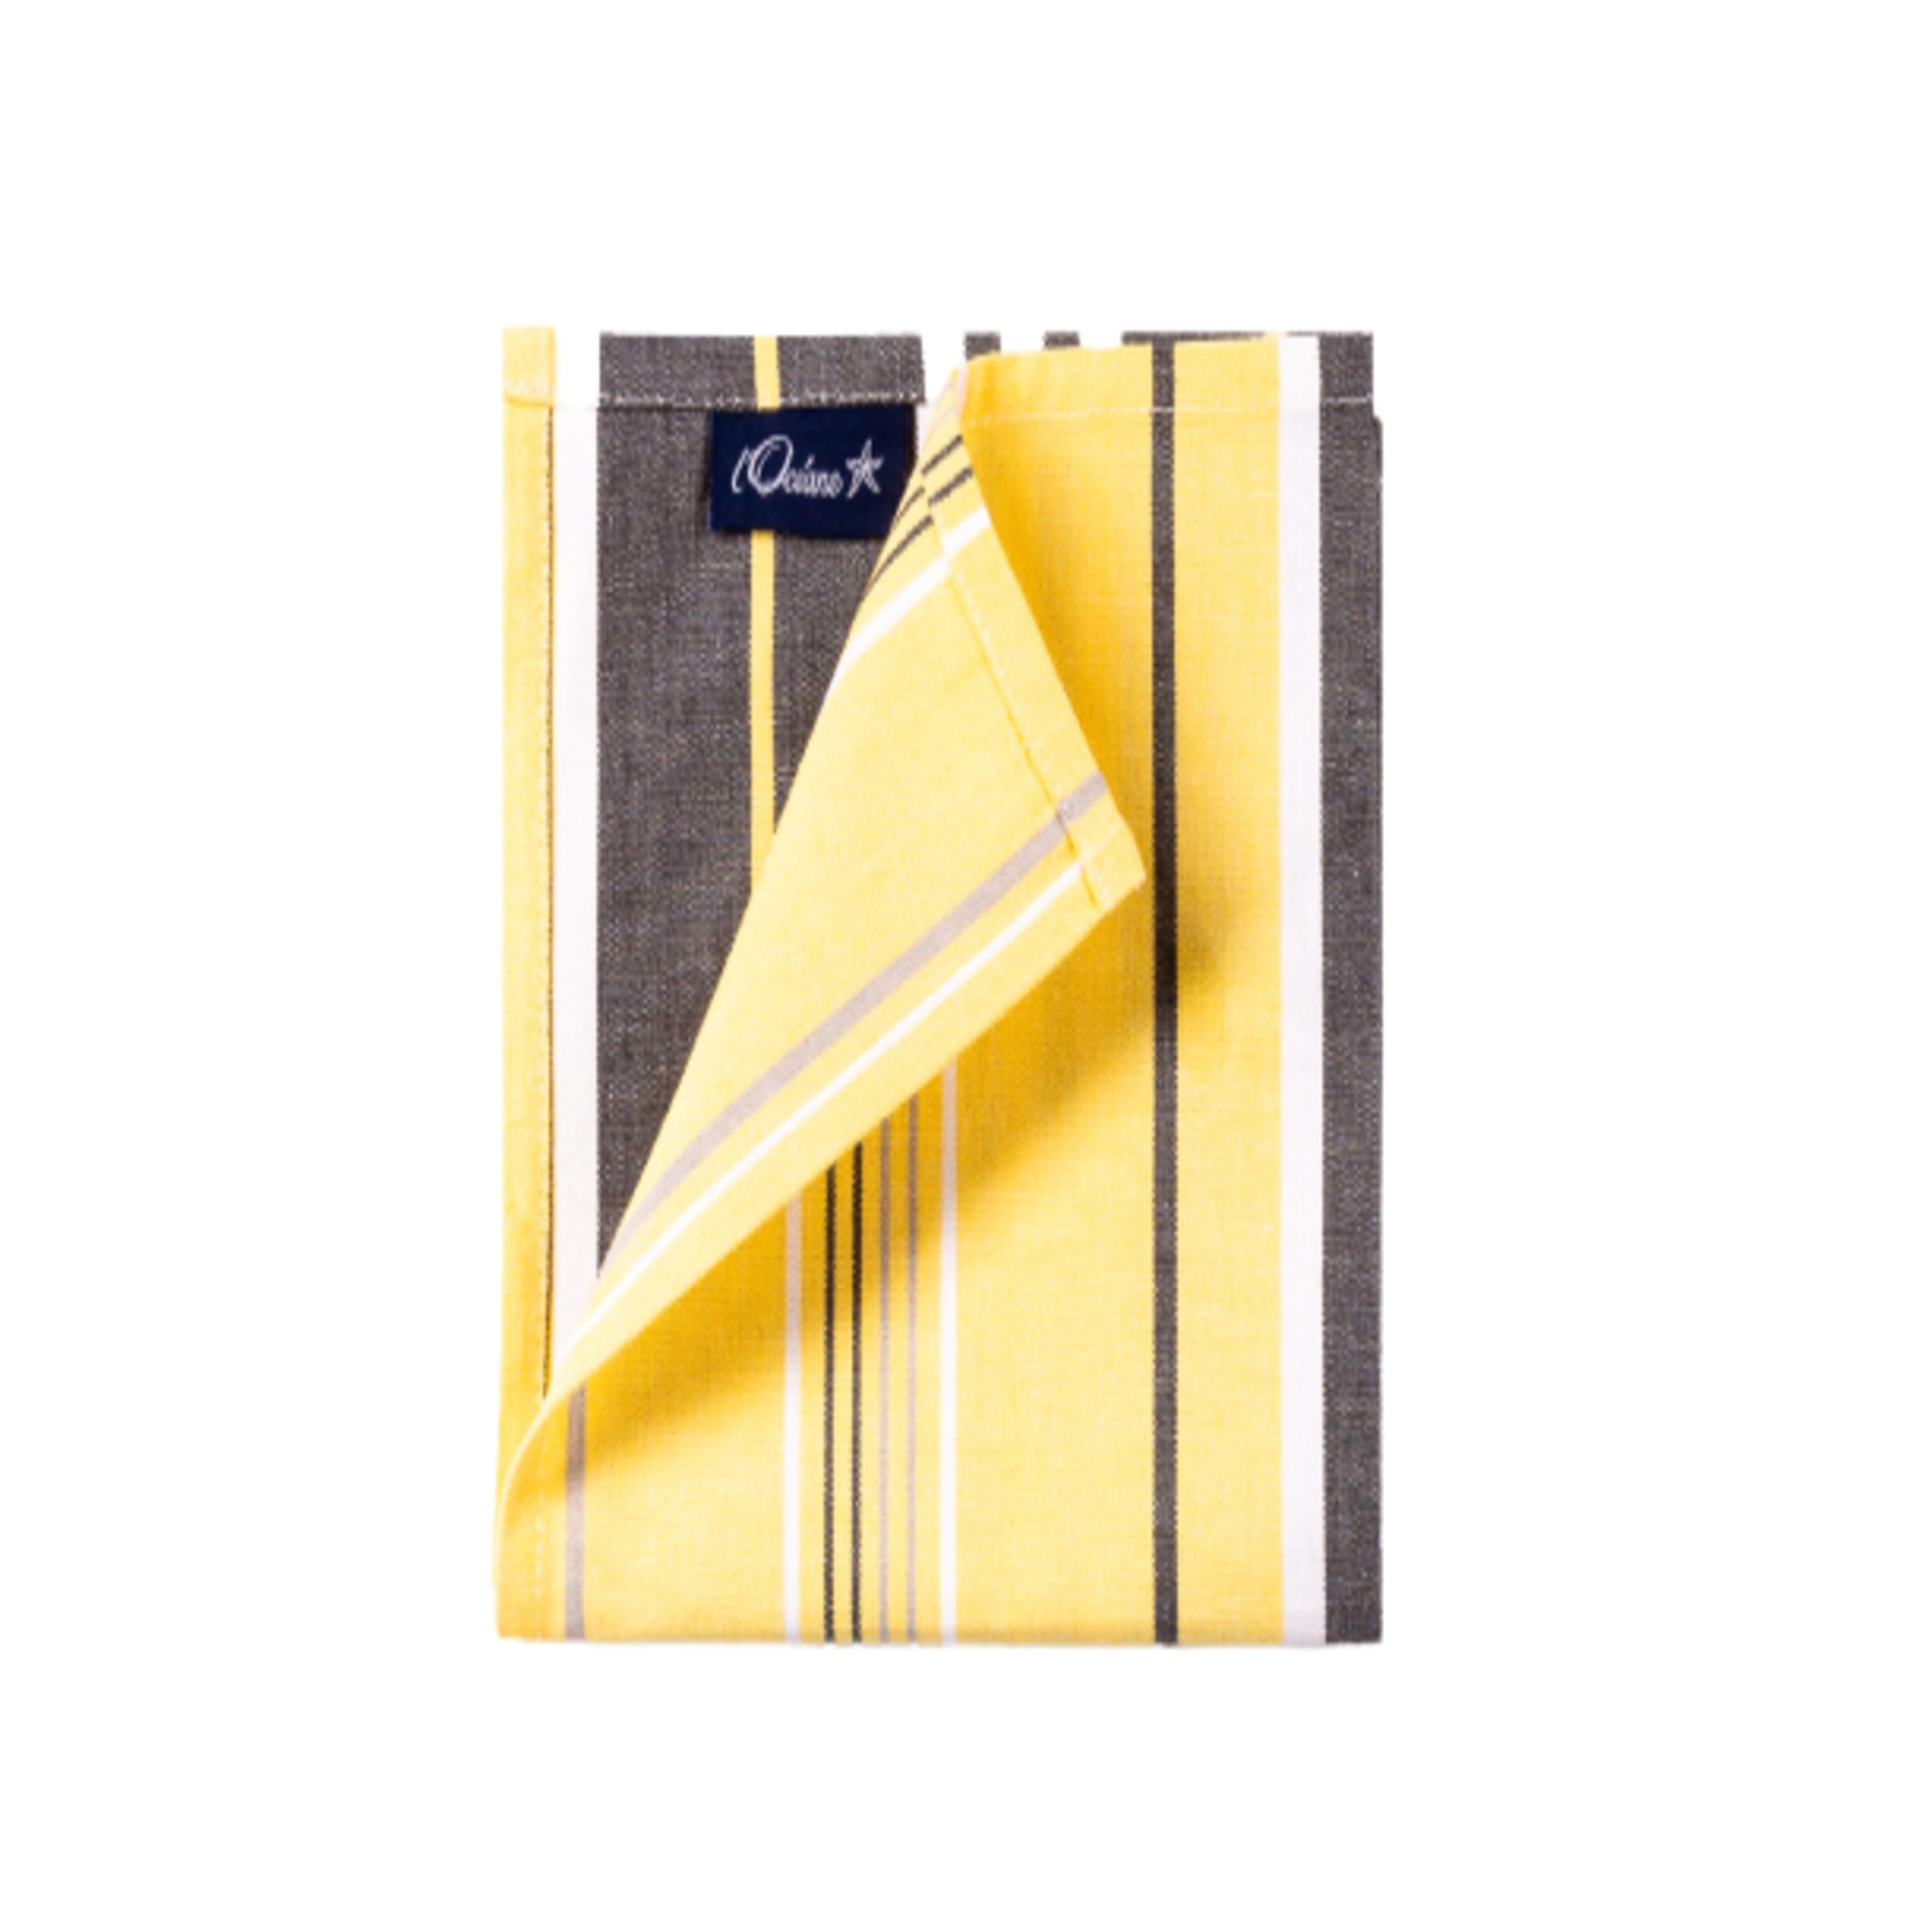 1 lot de 6 serviettes de table 100% coton jaune 36 x 36 cm